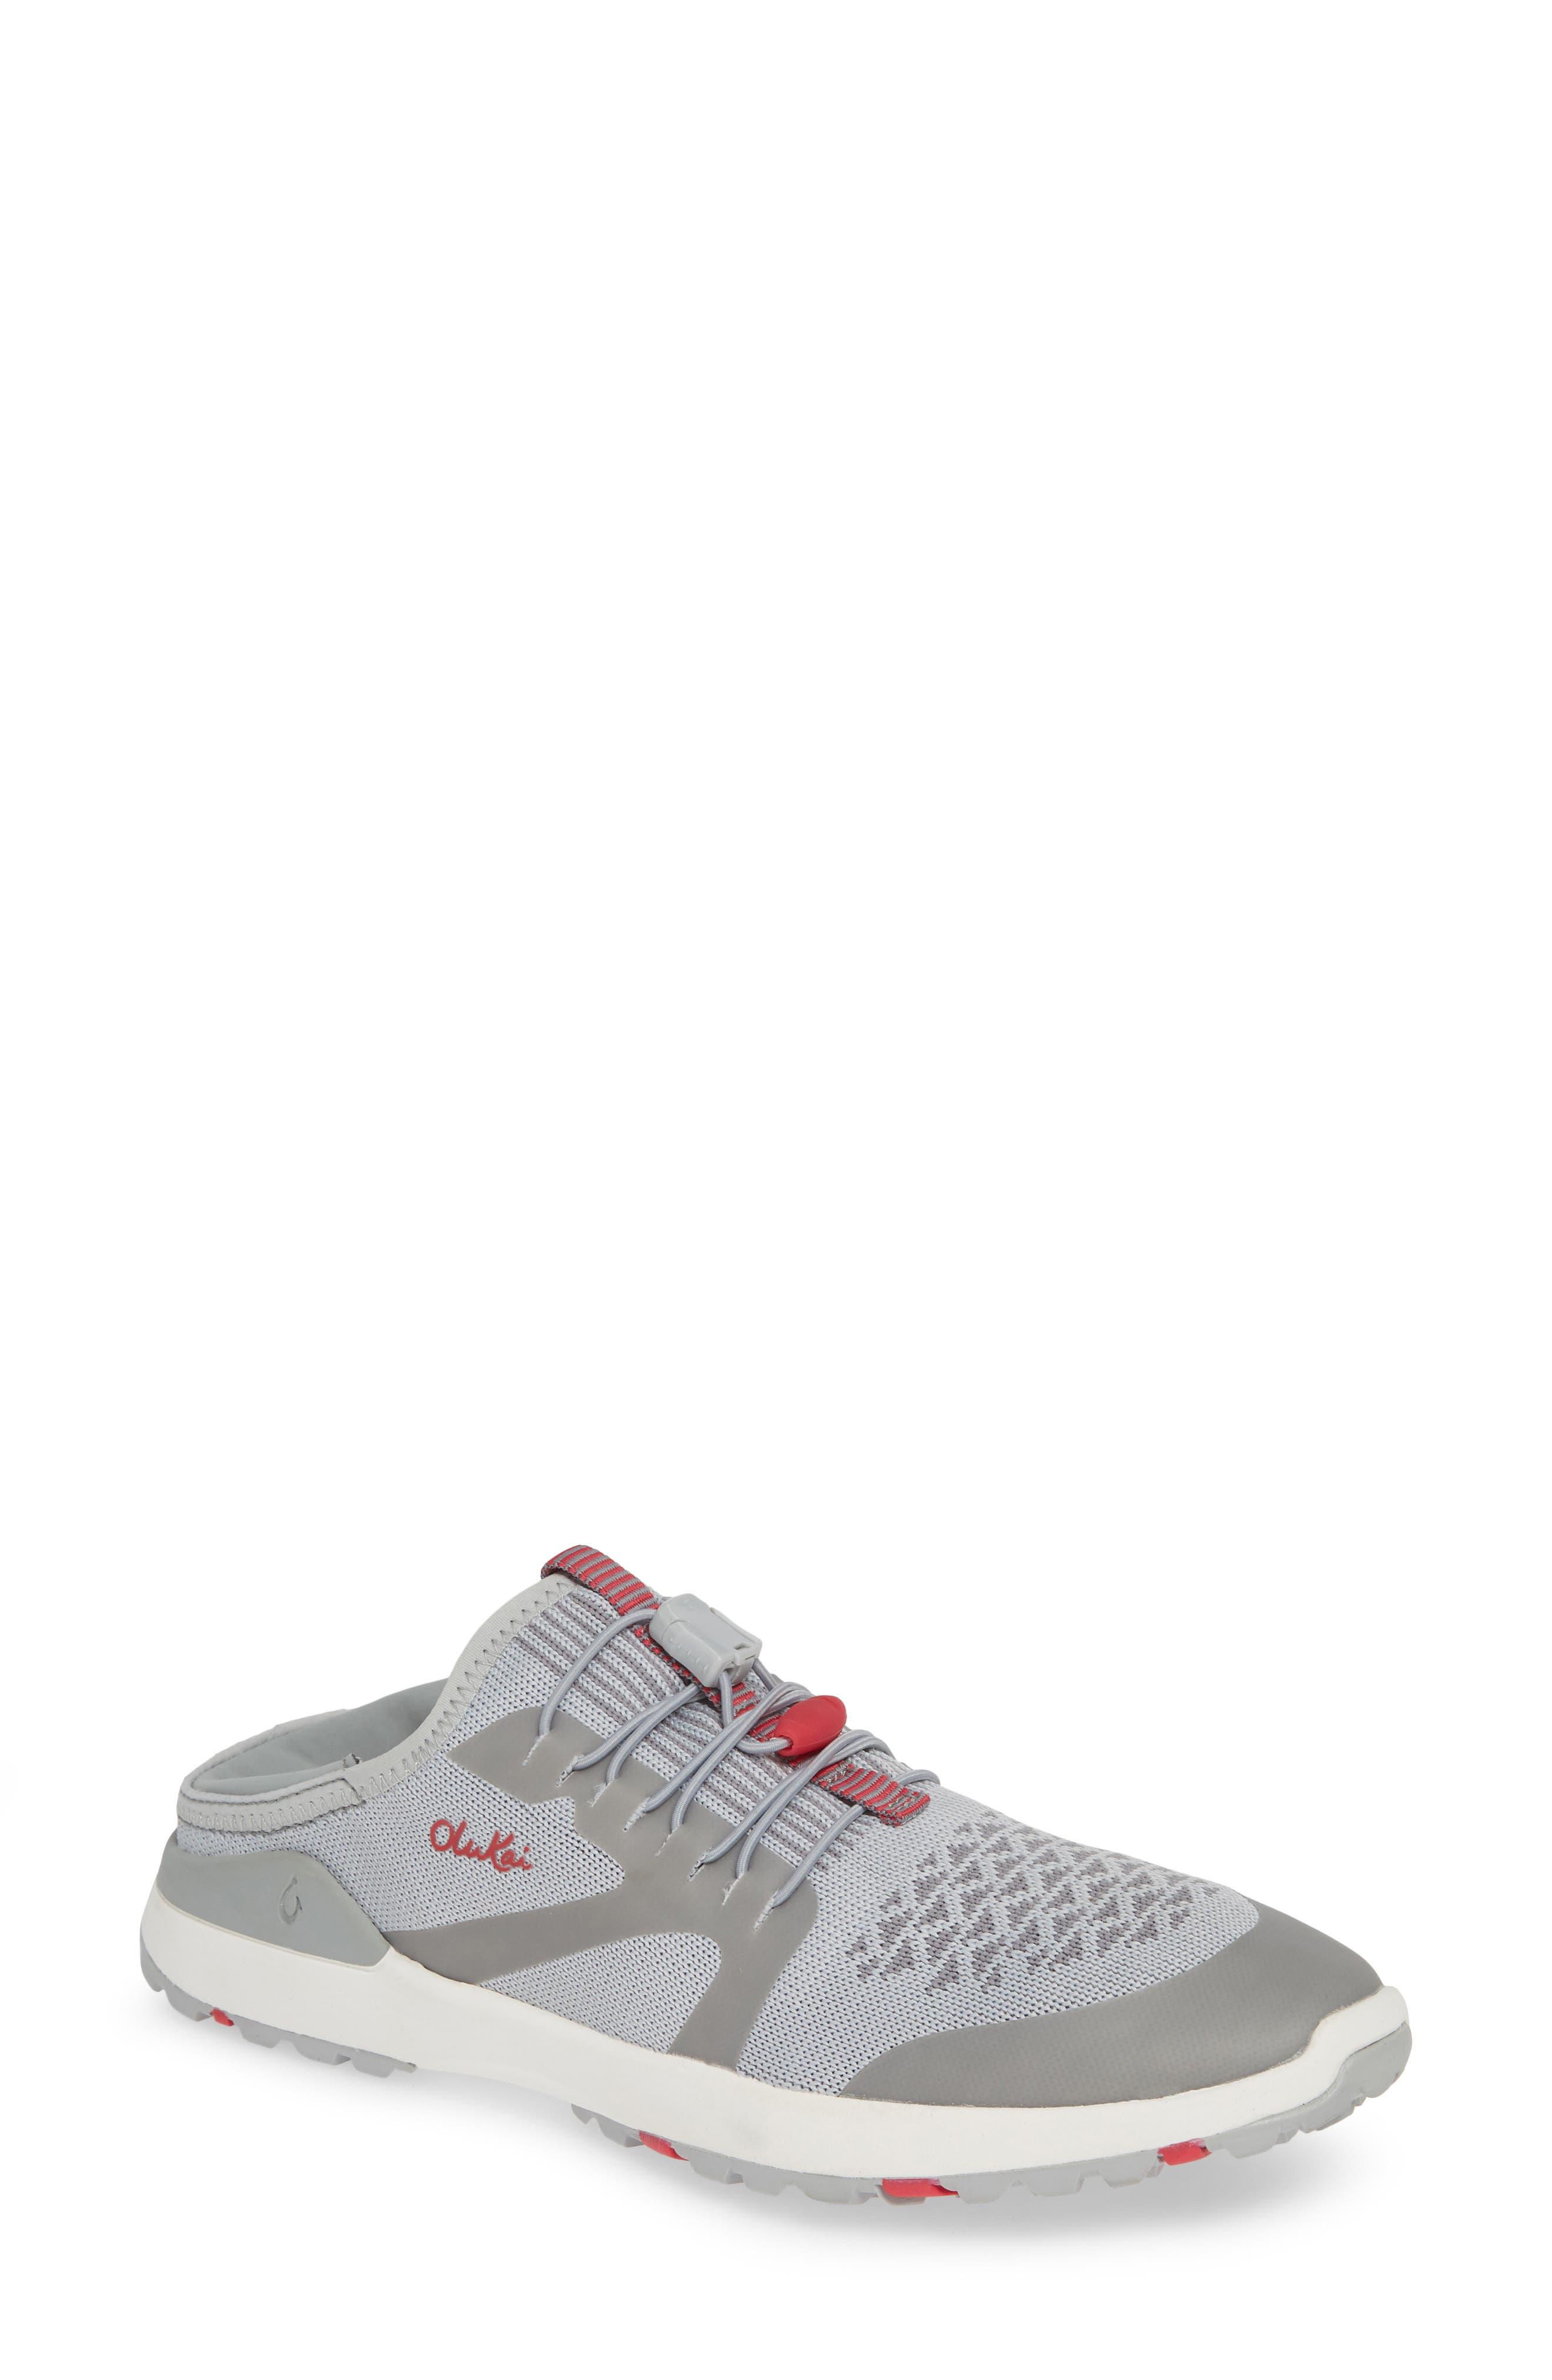 Olukai Miki Convertible Sneaker- Grey